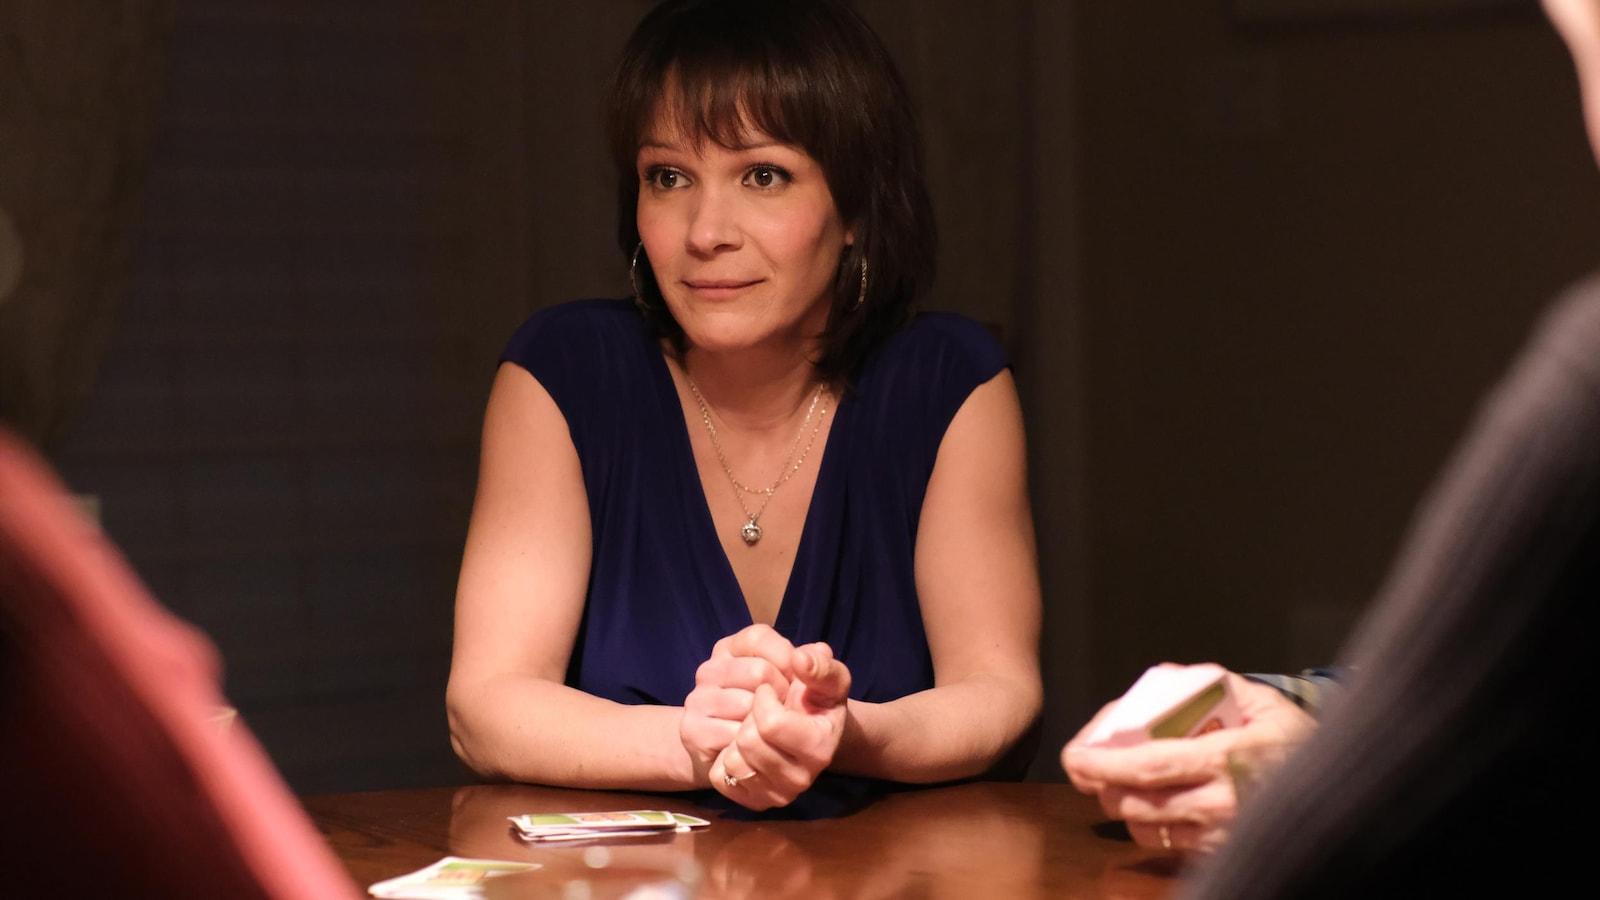 La femme est assise et à les bras posés sur une table.